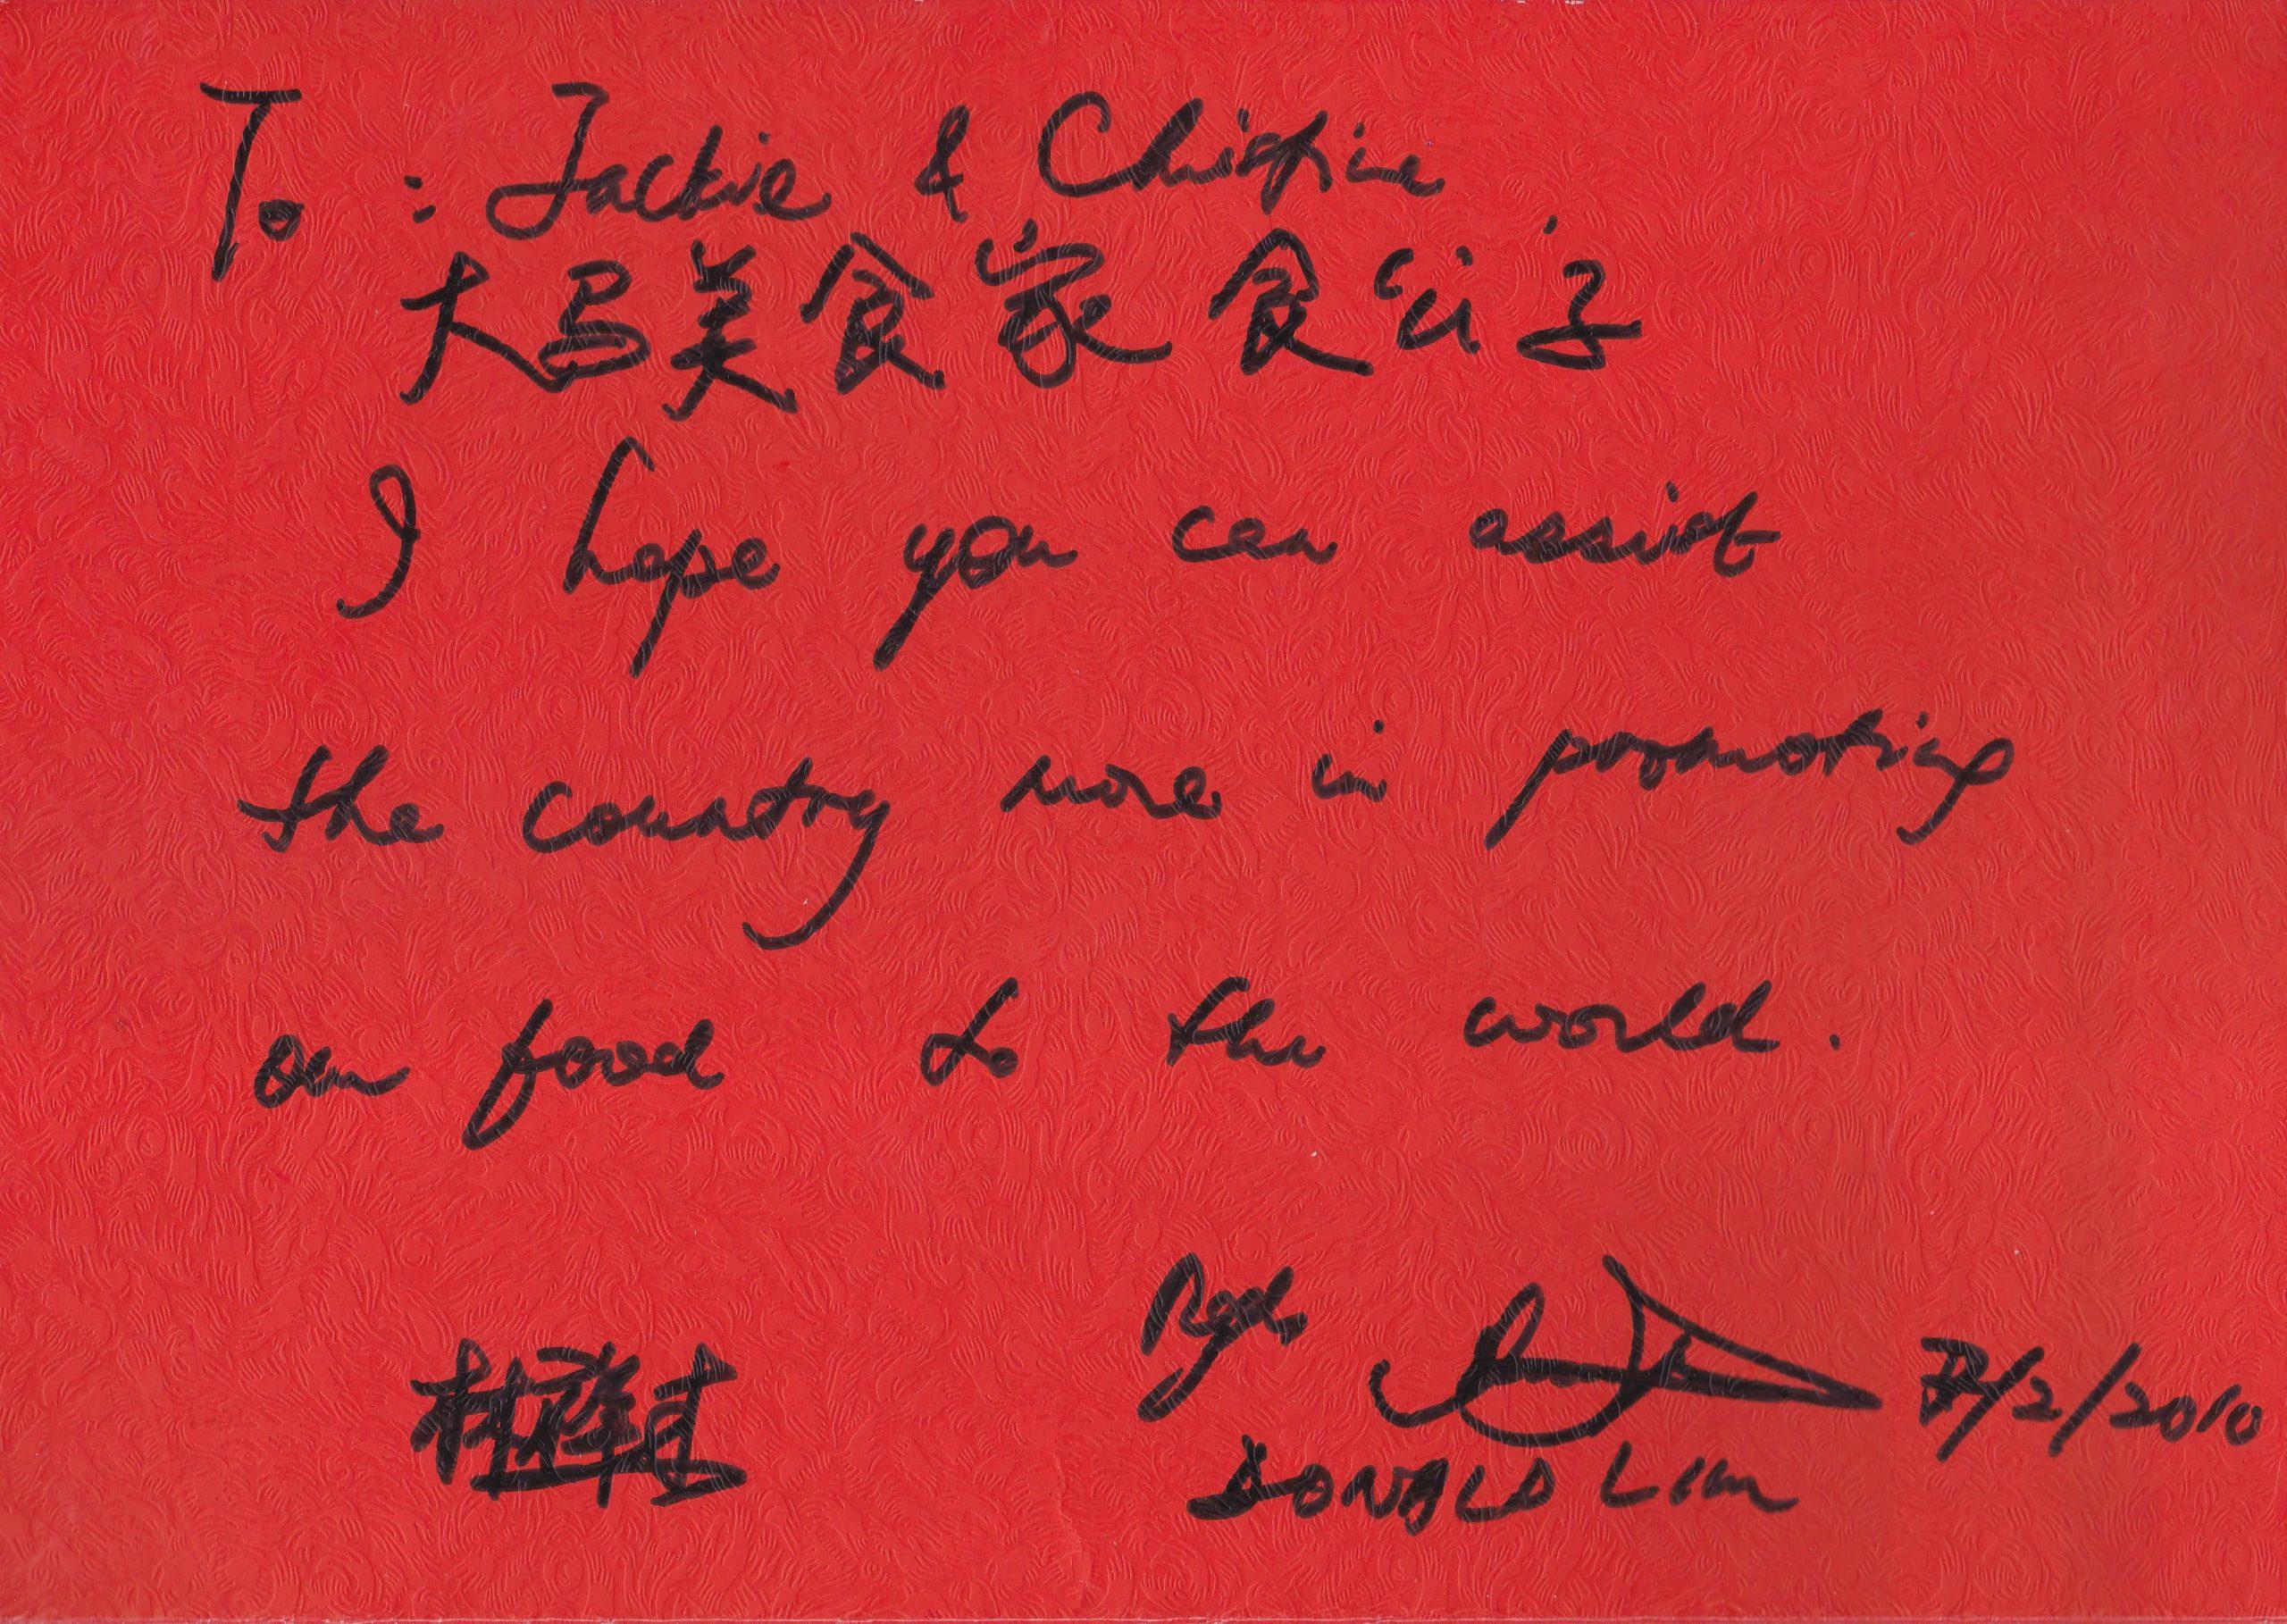 旅游部副部长林祥才签名予大马美食家廖城兰食公子